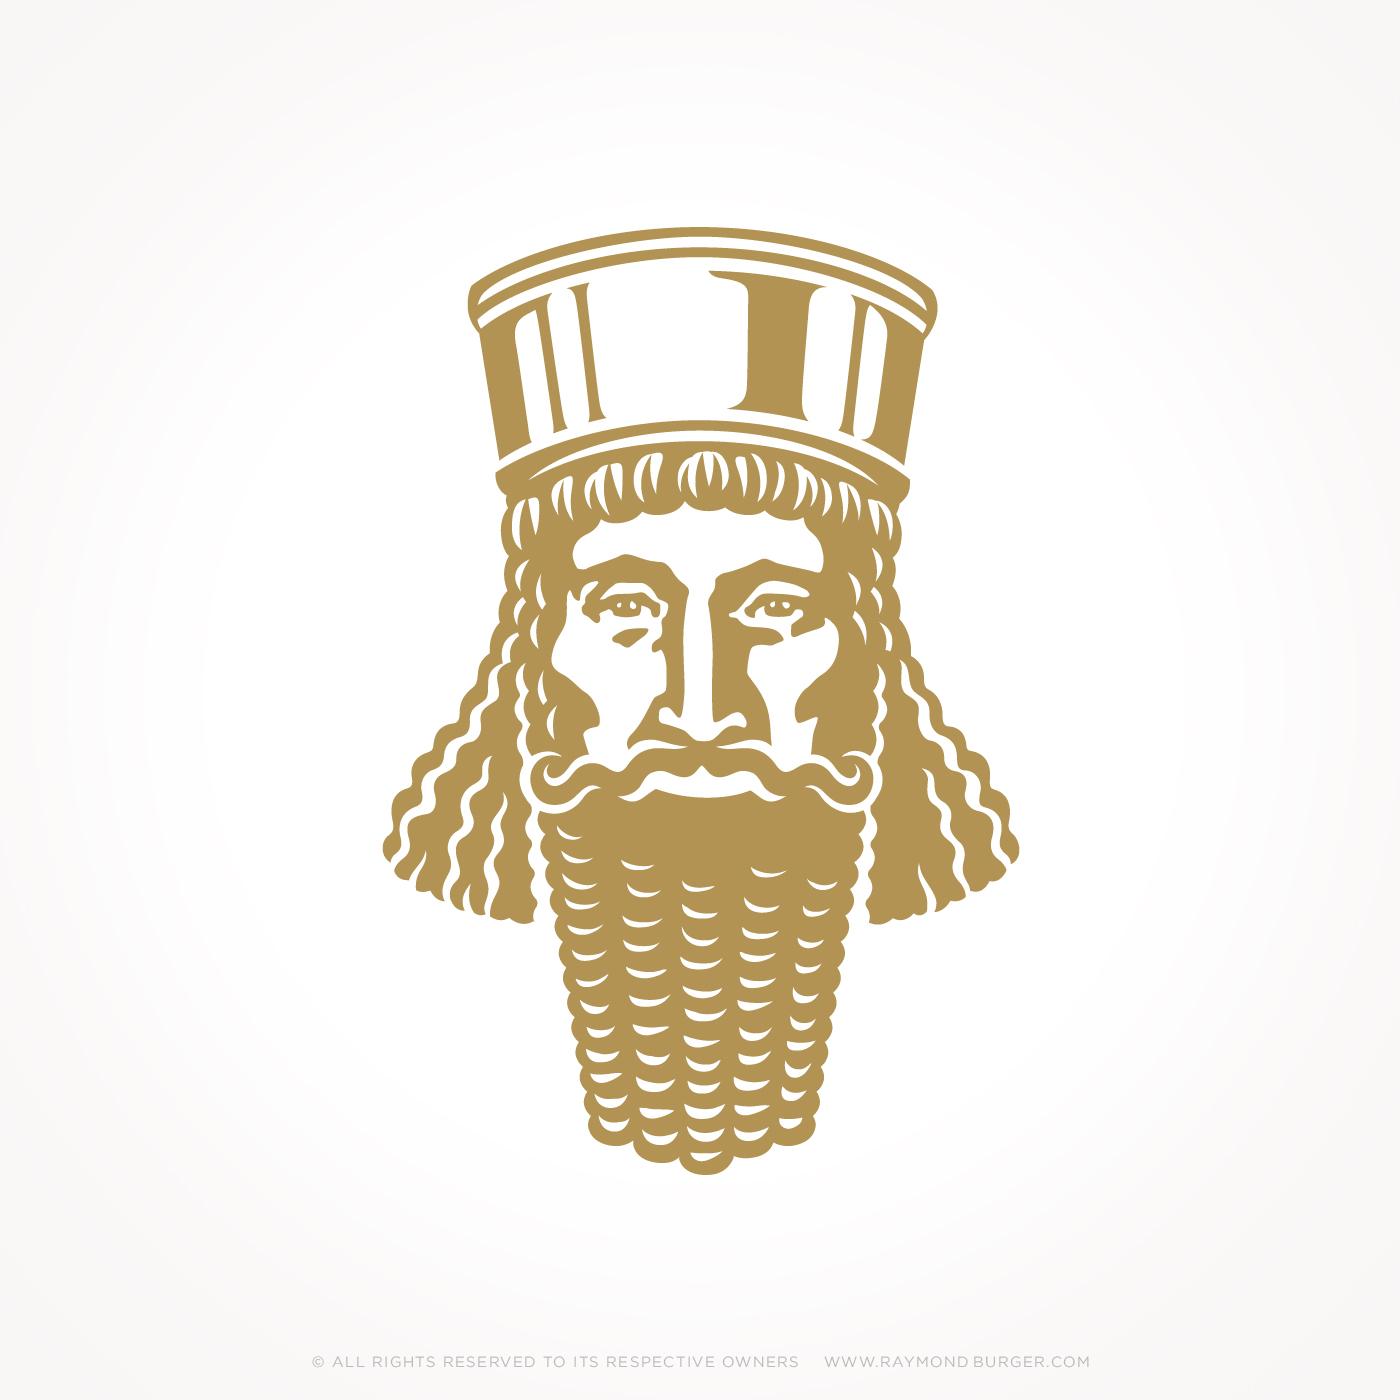 King Magi Melchior © www.raymondburger.com.jpg